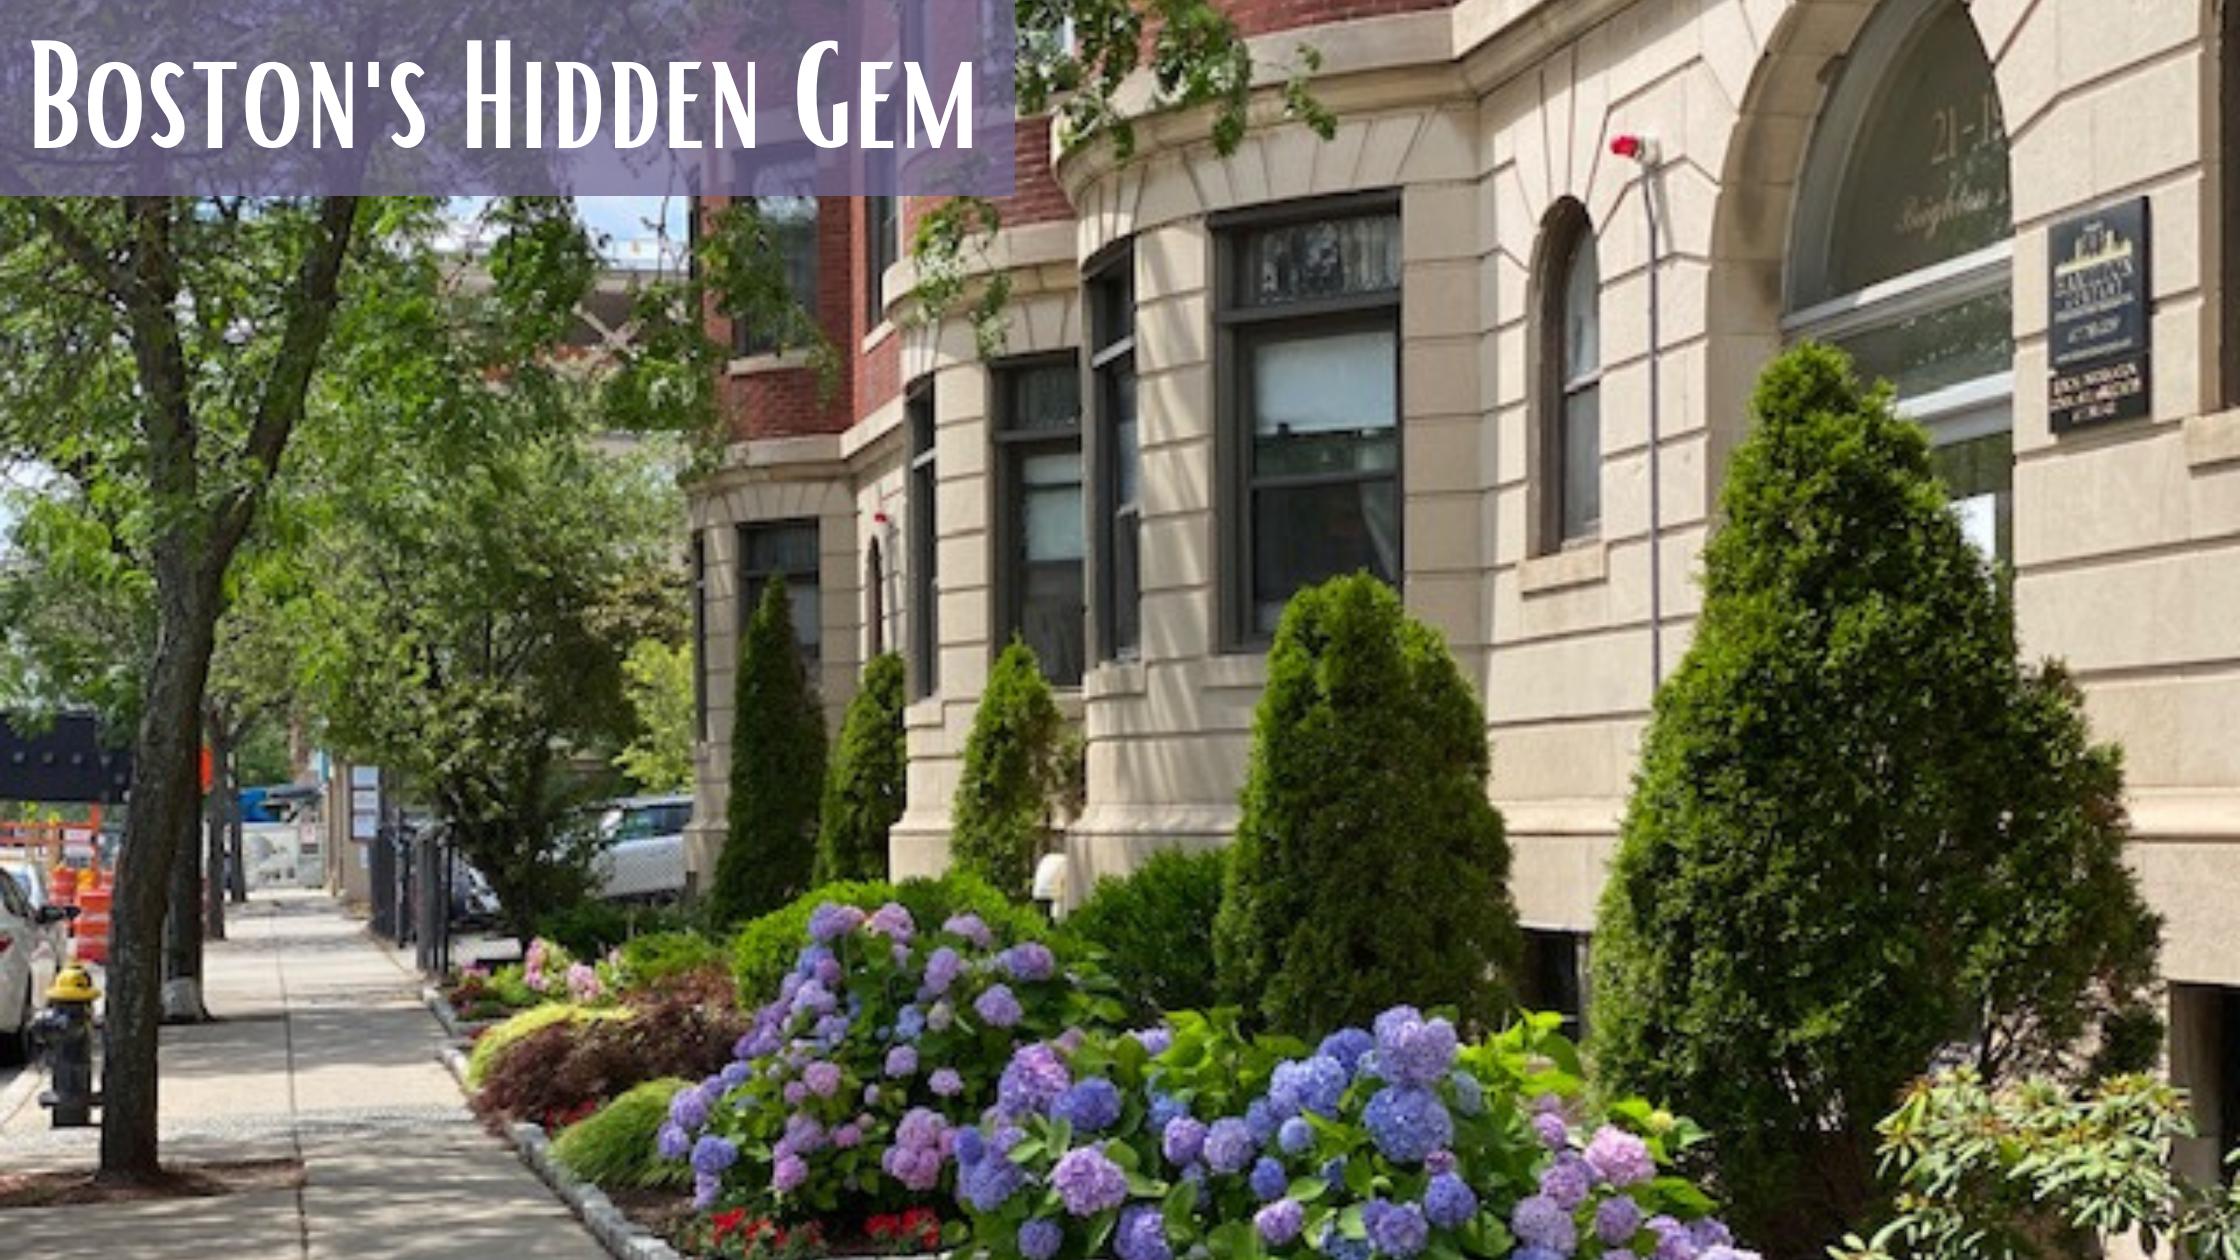 the community of Allson, one of Boston's hidden gems